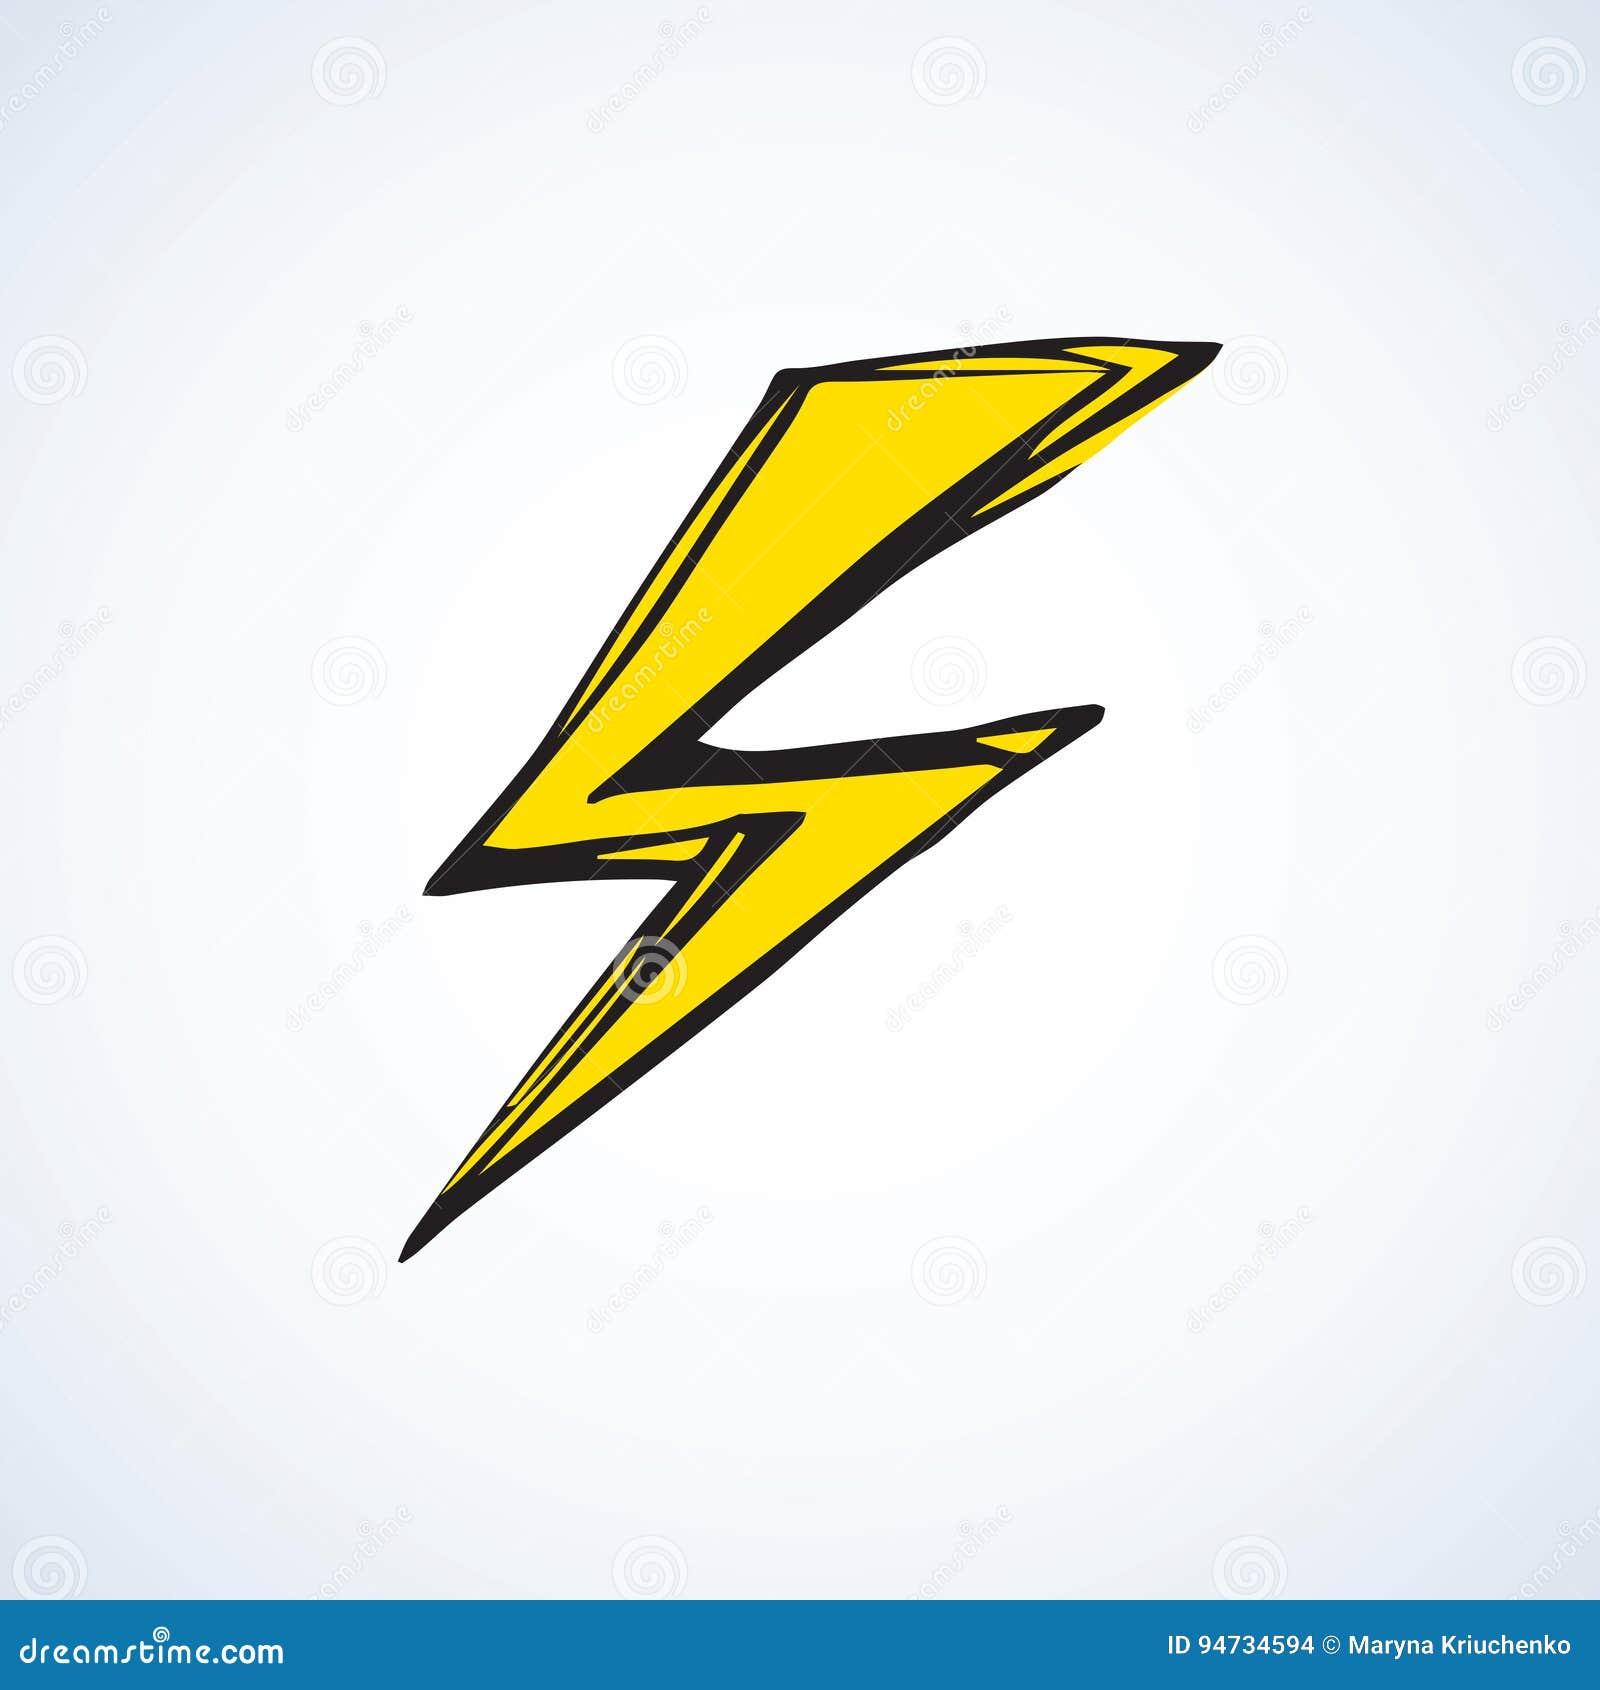 symbol of lightning vector illustration stock vector